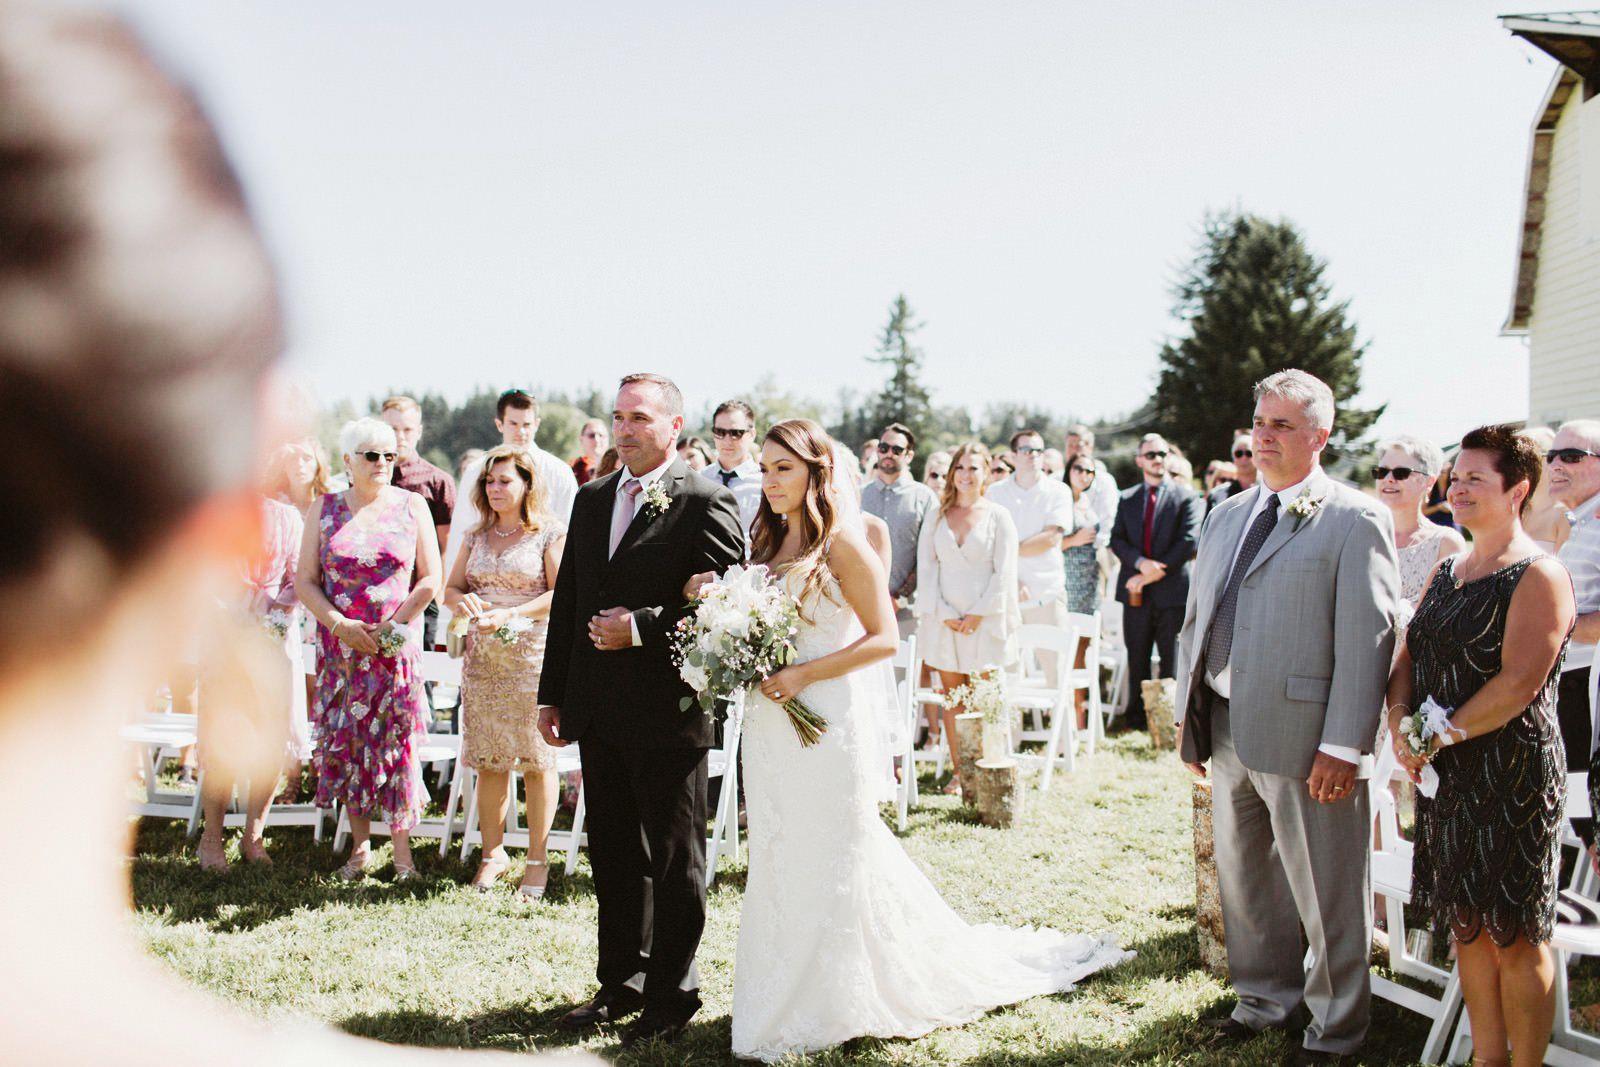 drewtiawna-blog-17 YELLOW BARN WEDDING